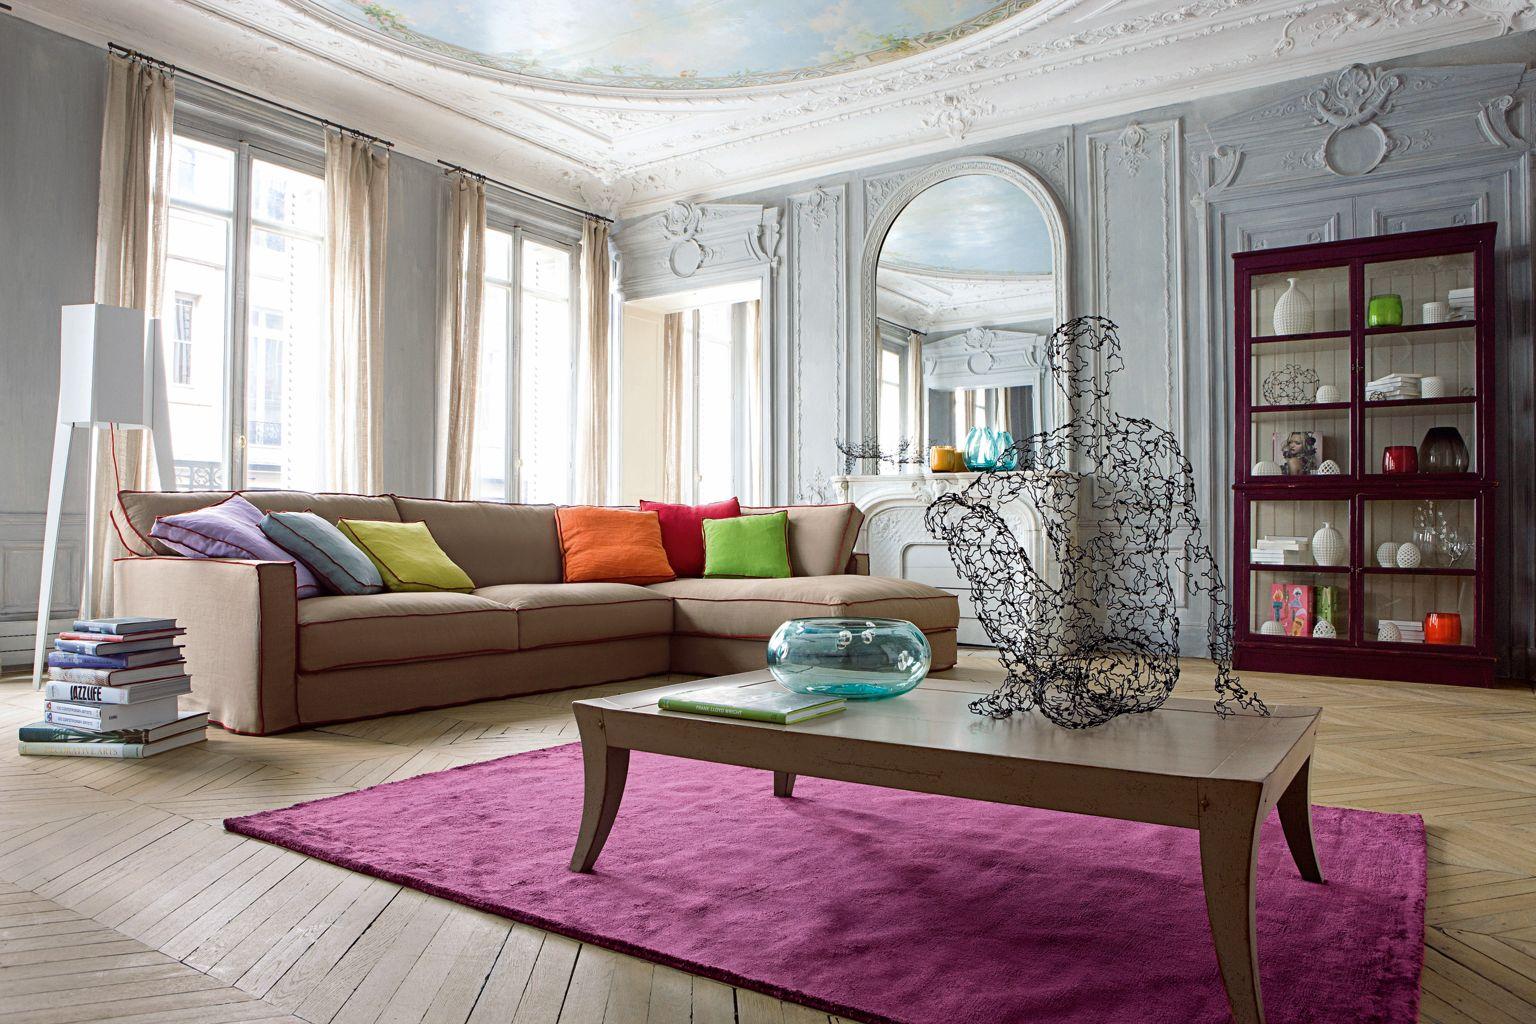 roche bobois long island sofa | memsaheb.net